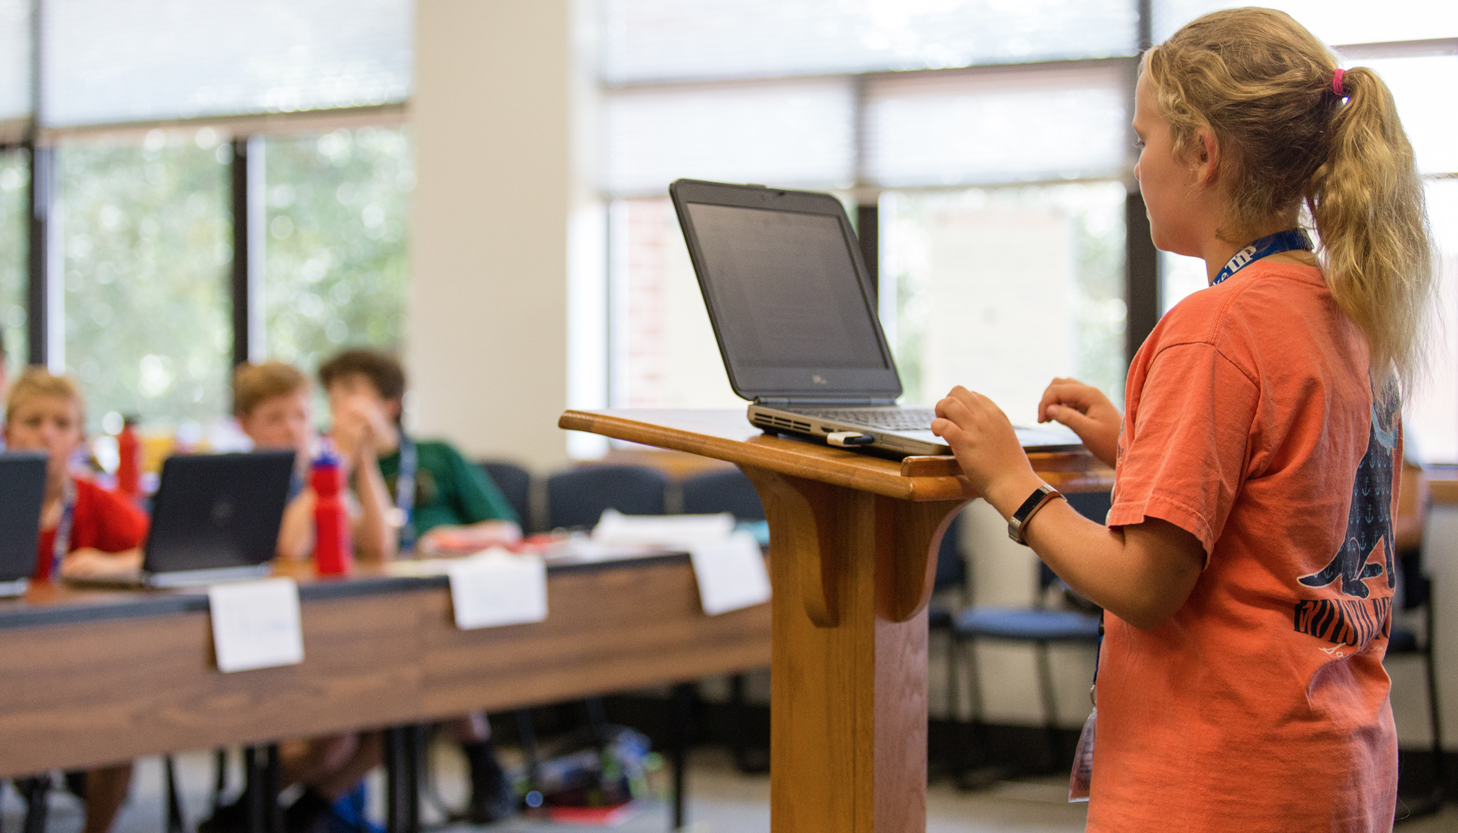 girl giving a class presentation